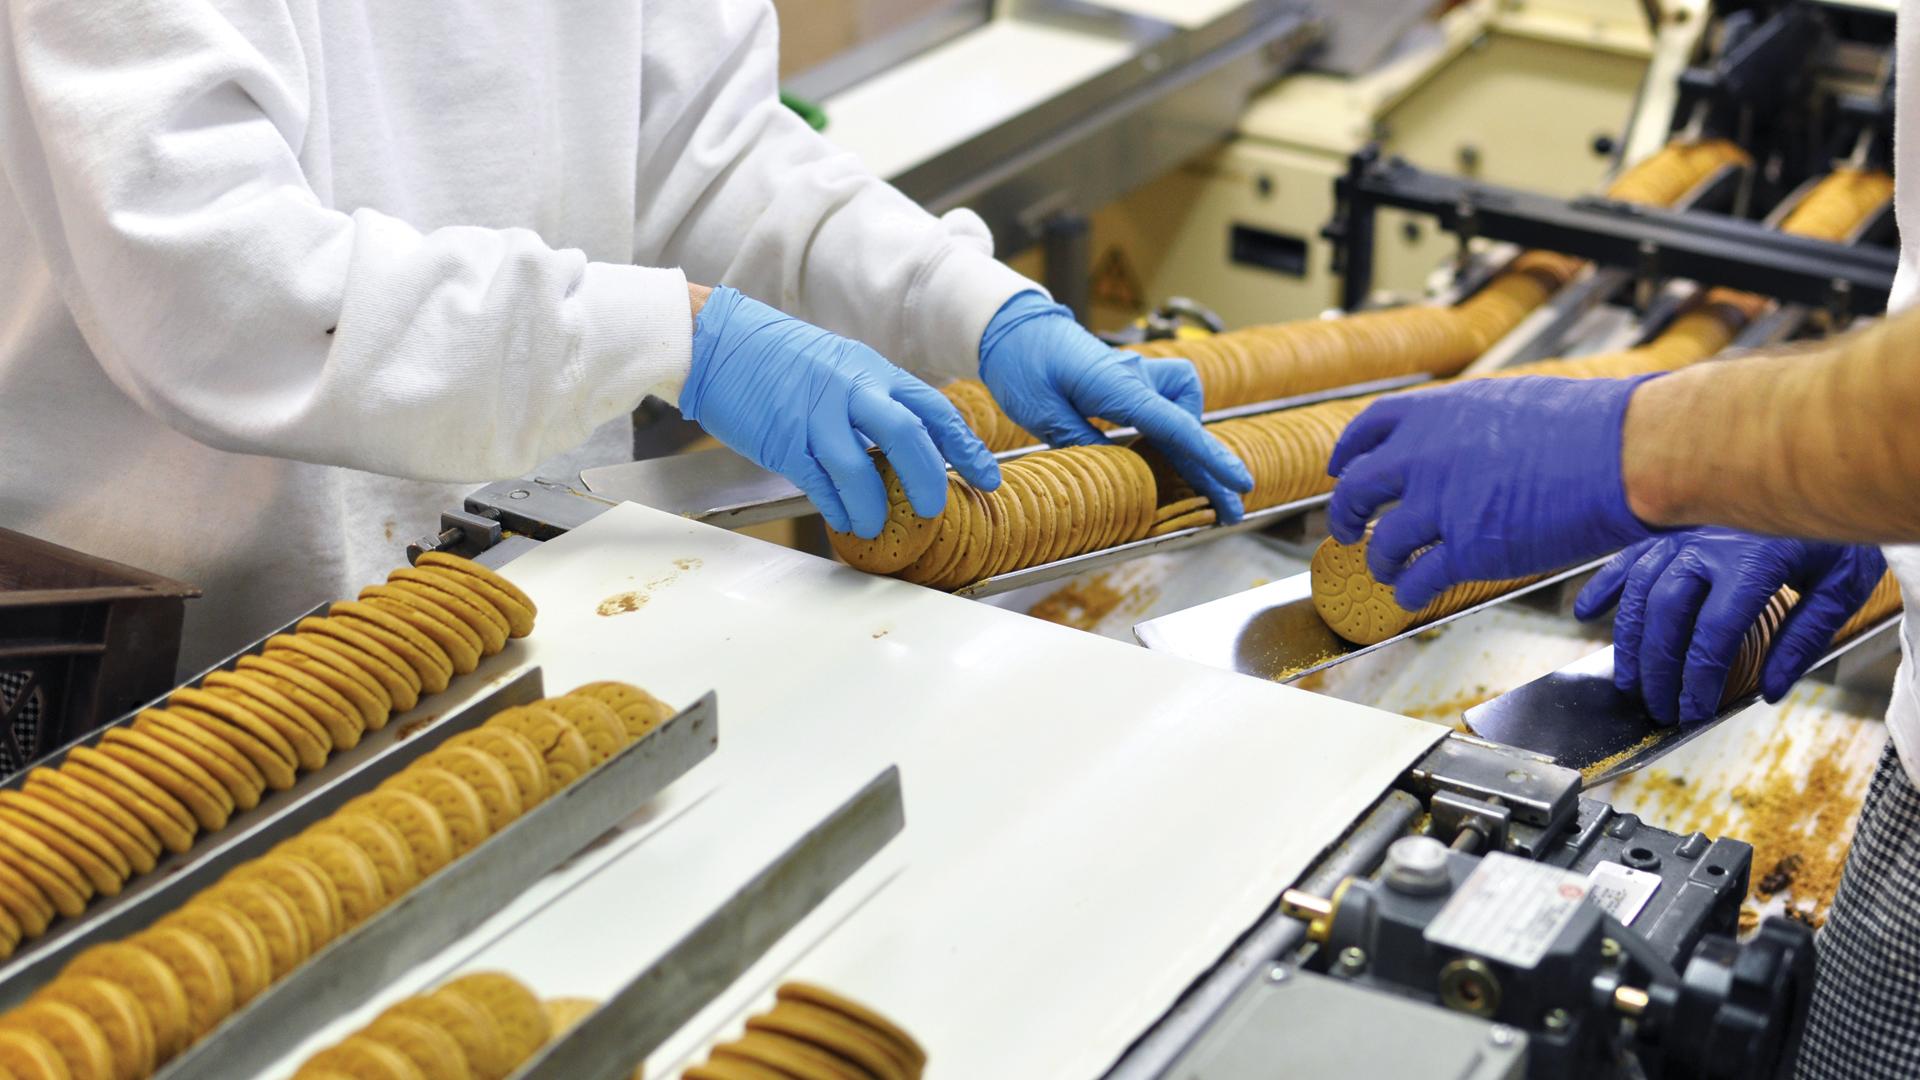 New Novel Foods Regulations in the UK after leaving EU